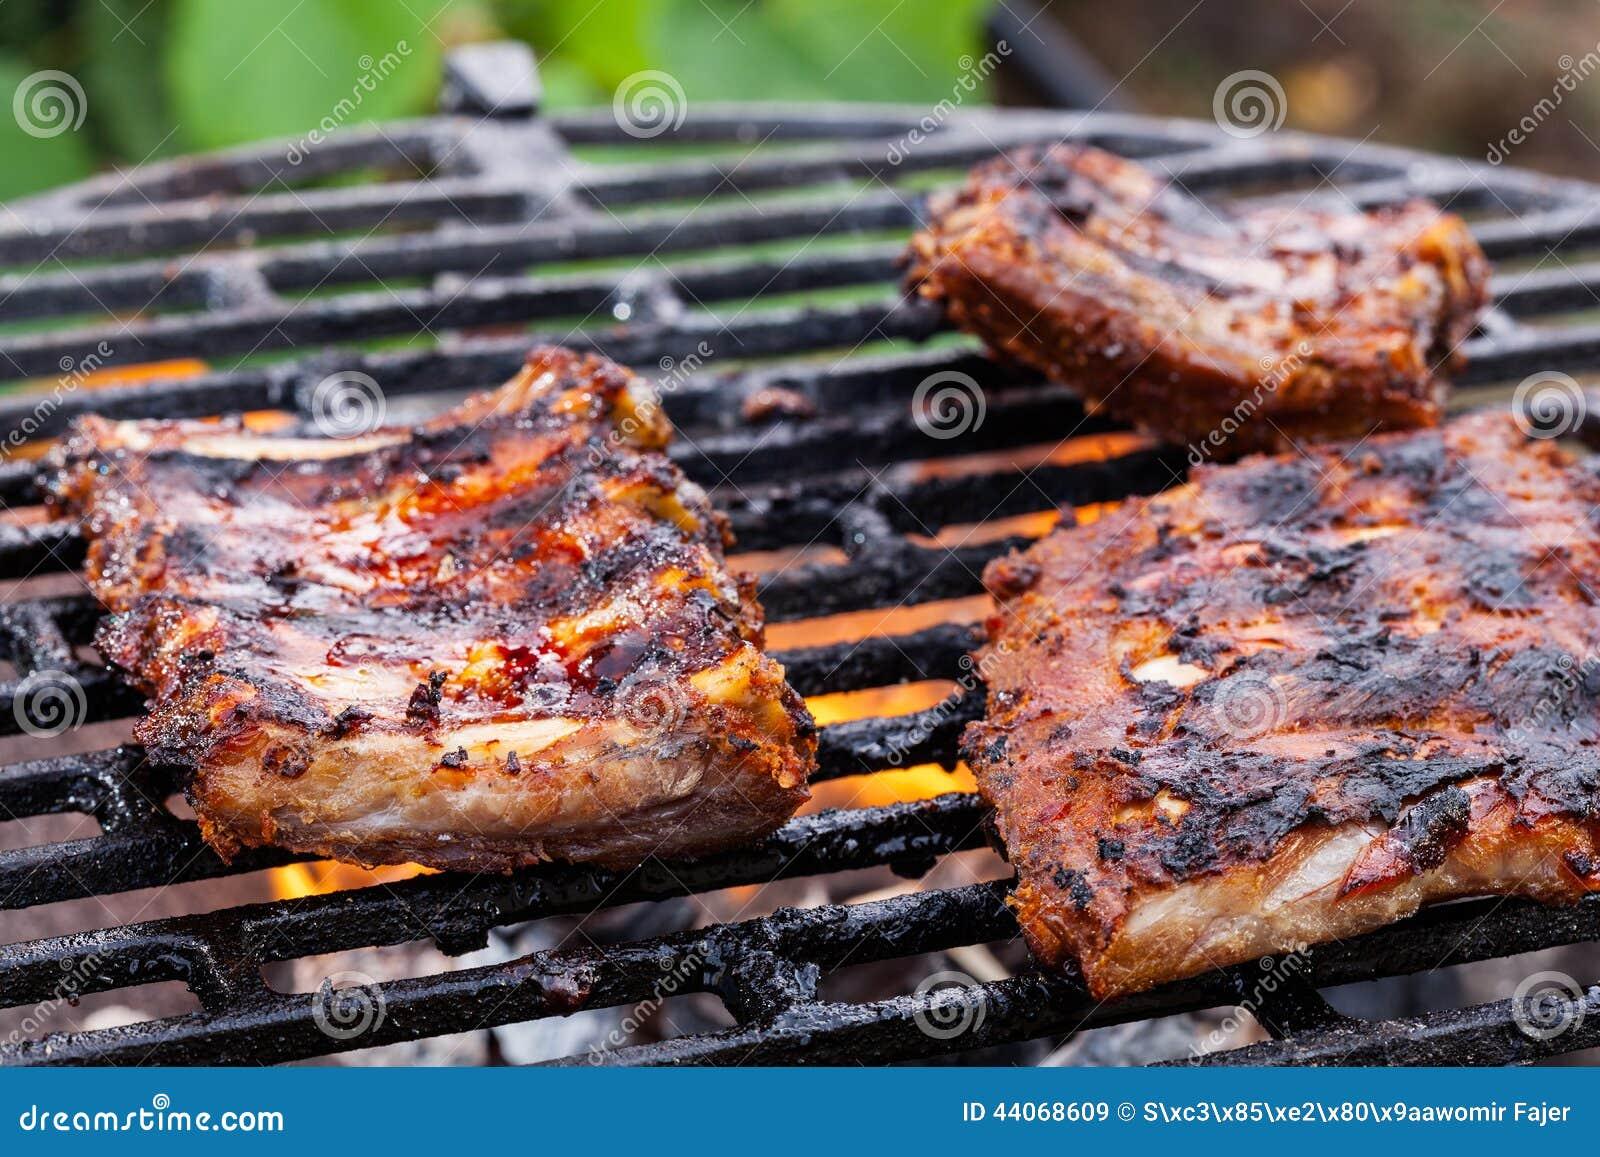 griller des travers de porc de porc sur le gril de barbecue image stock image 44068609. Black Bedroom Furniture Sets. Home Design Ideas